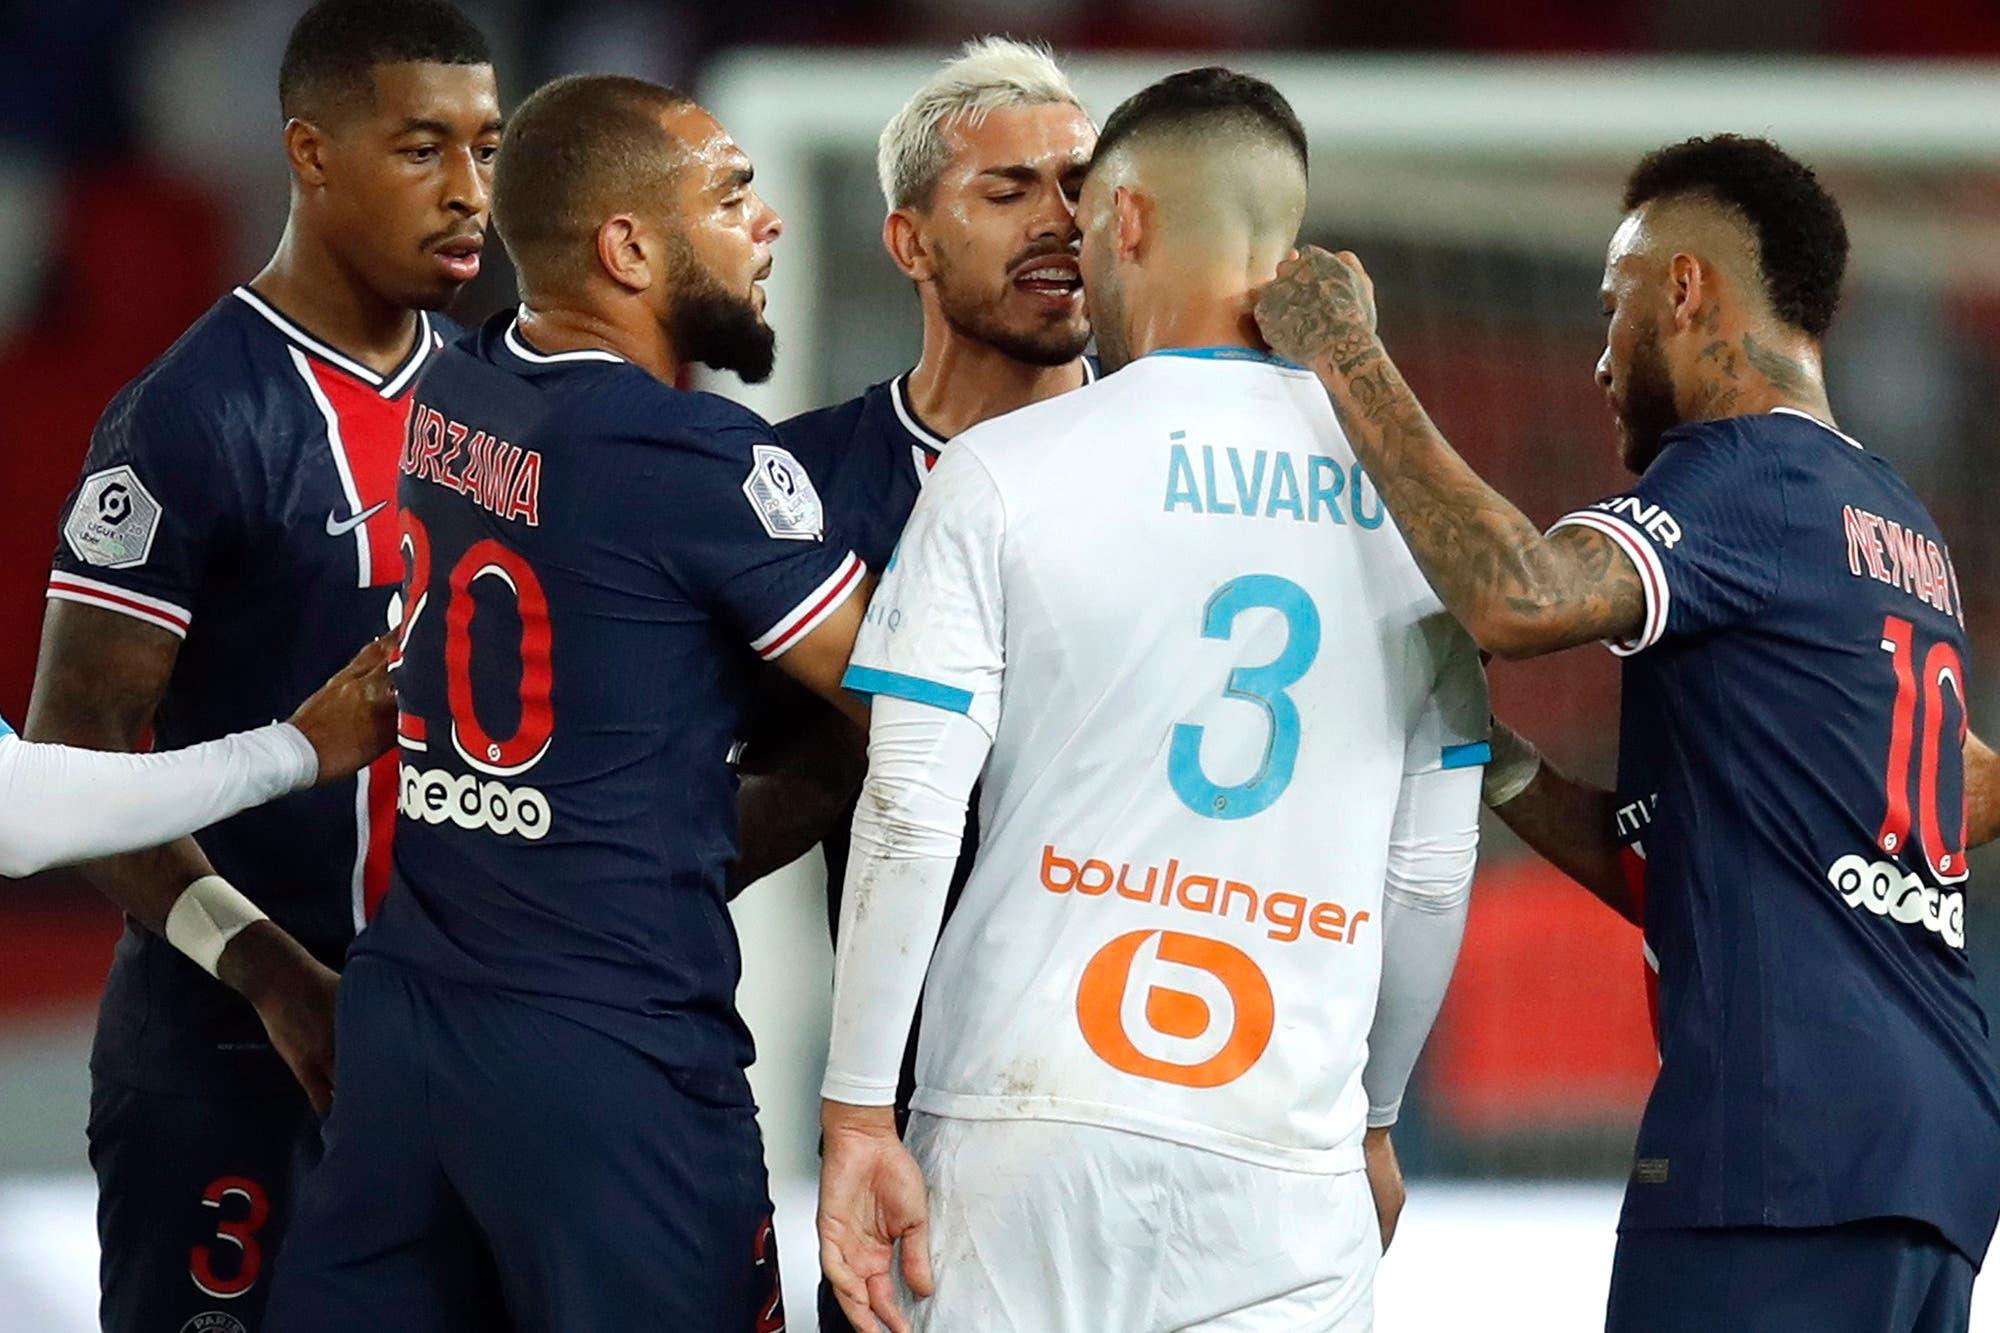 Francia. PSG perdió con Marsella en un partido escandaloso, con Neymar, Benedetto y Paredes expulsados